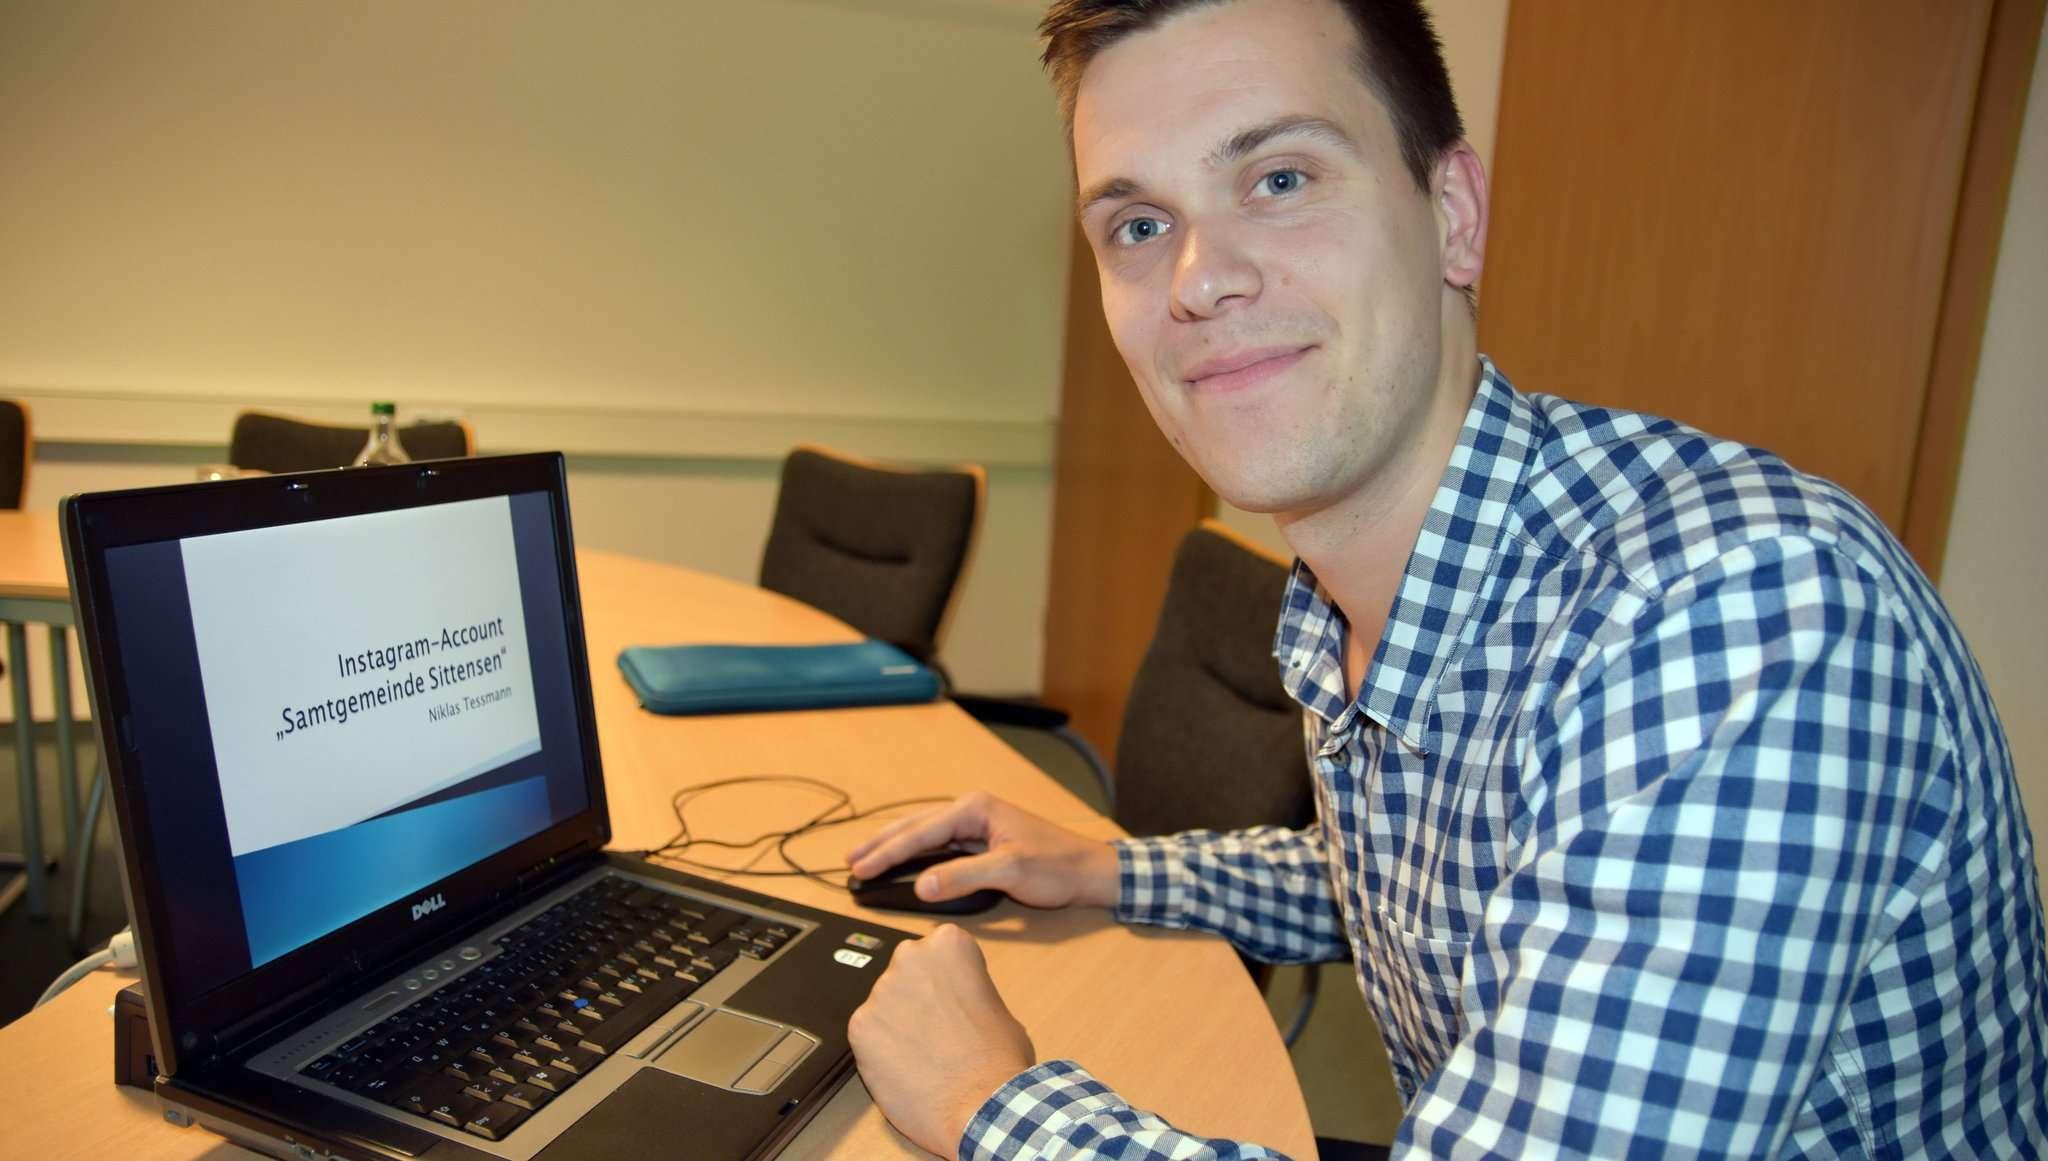 Wirtschaftsförderer Niklas Teßmann möchte für gutes Marketing auch die digitalen Medien nutzen. Foto: Heidrun Meyer